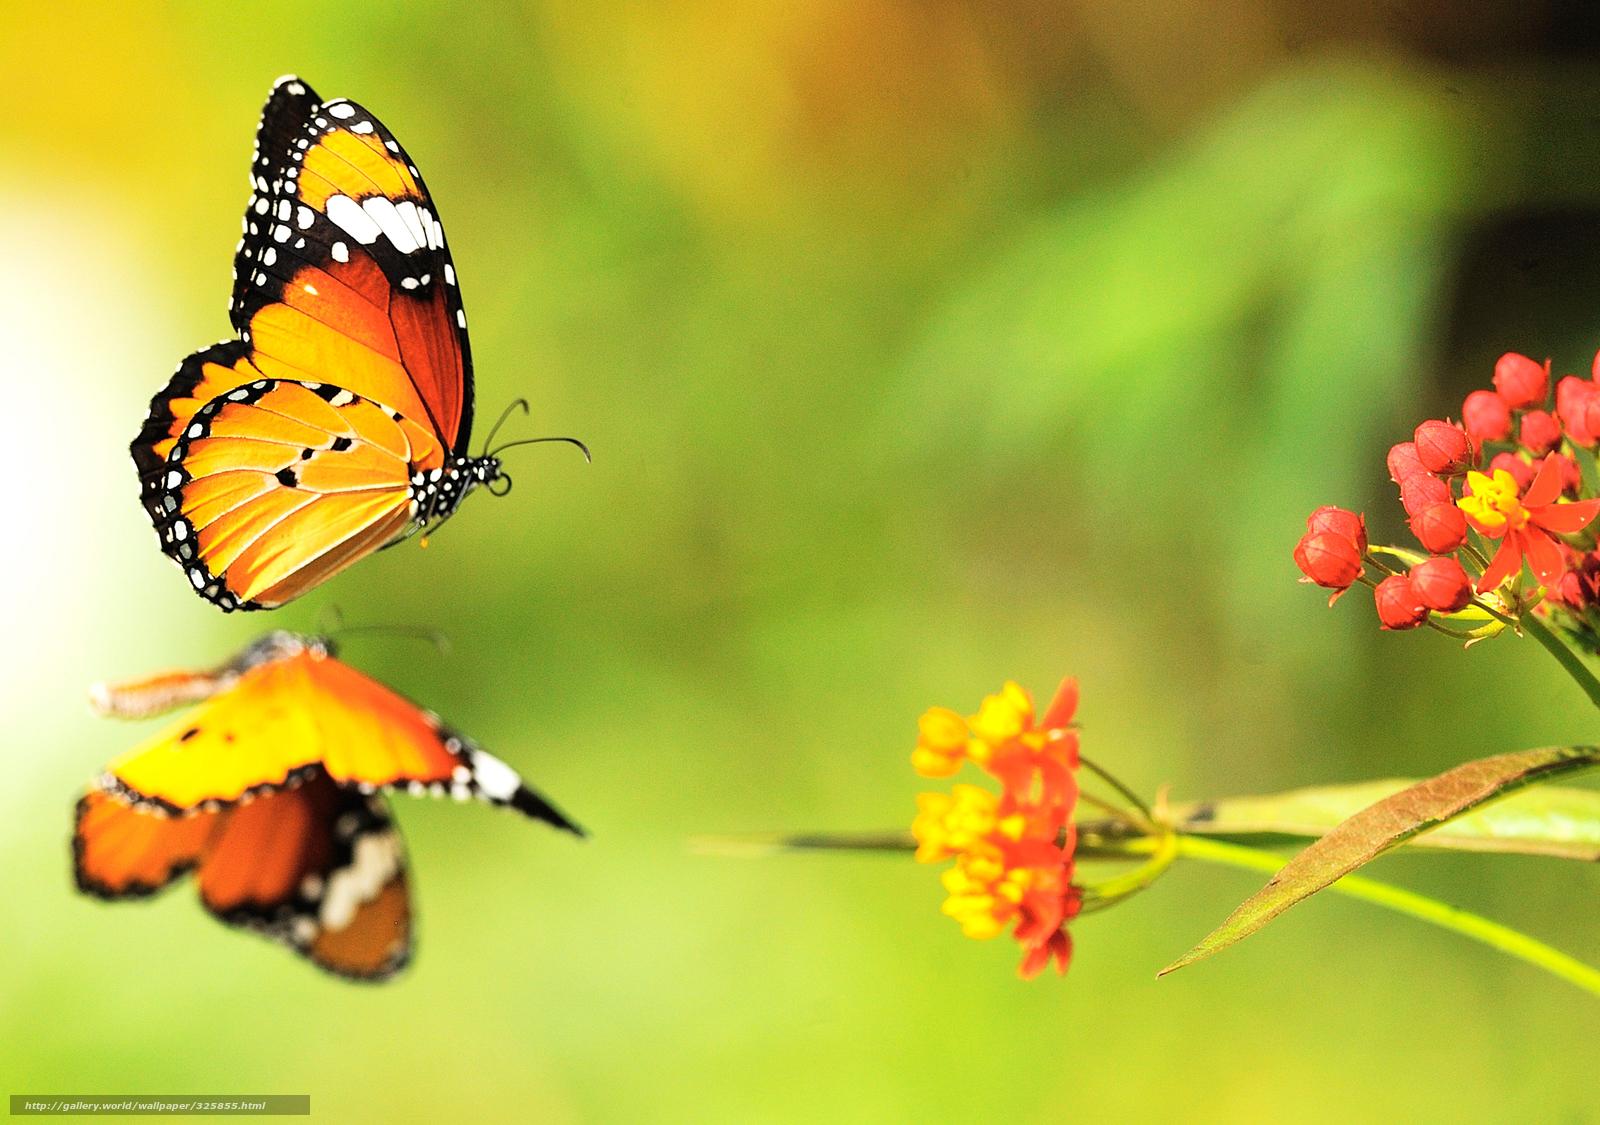 Scaricare gli sfondi farfalle fiori luminoso colore for Sfondi farfalle gratis